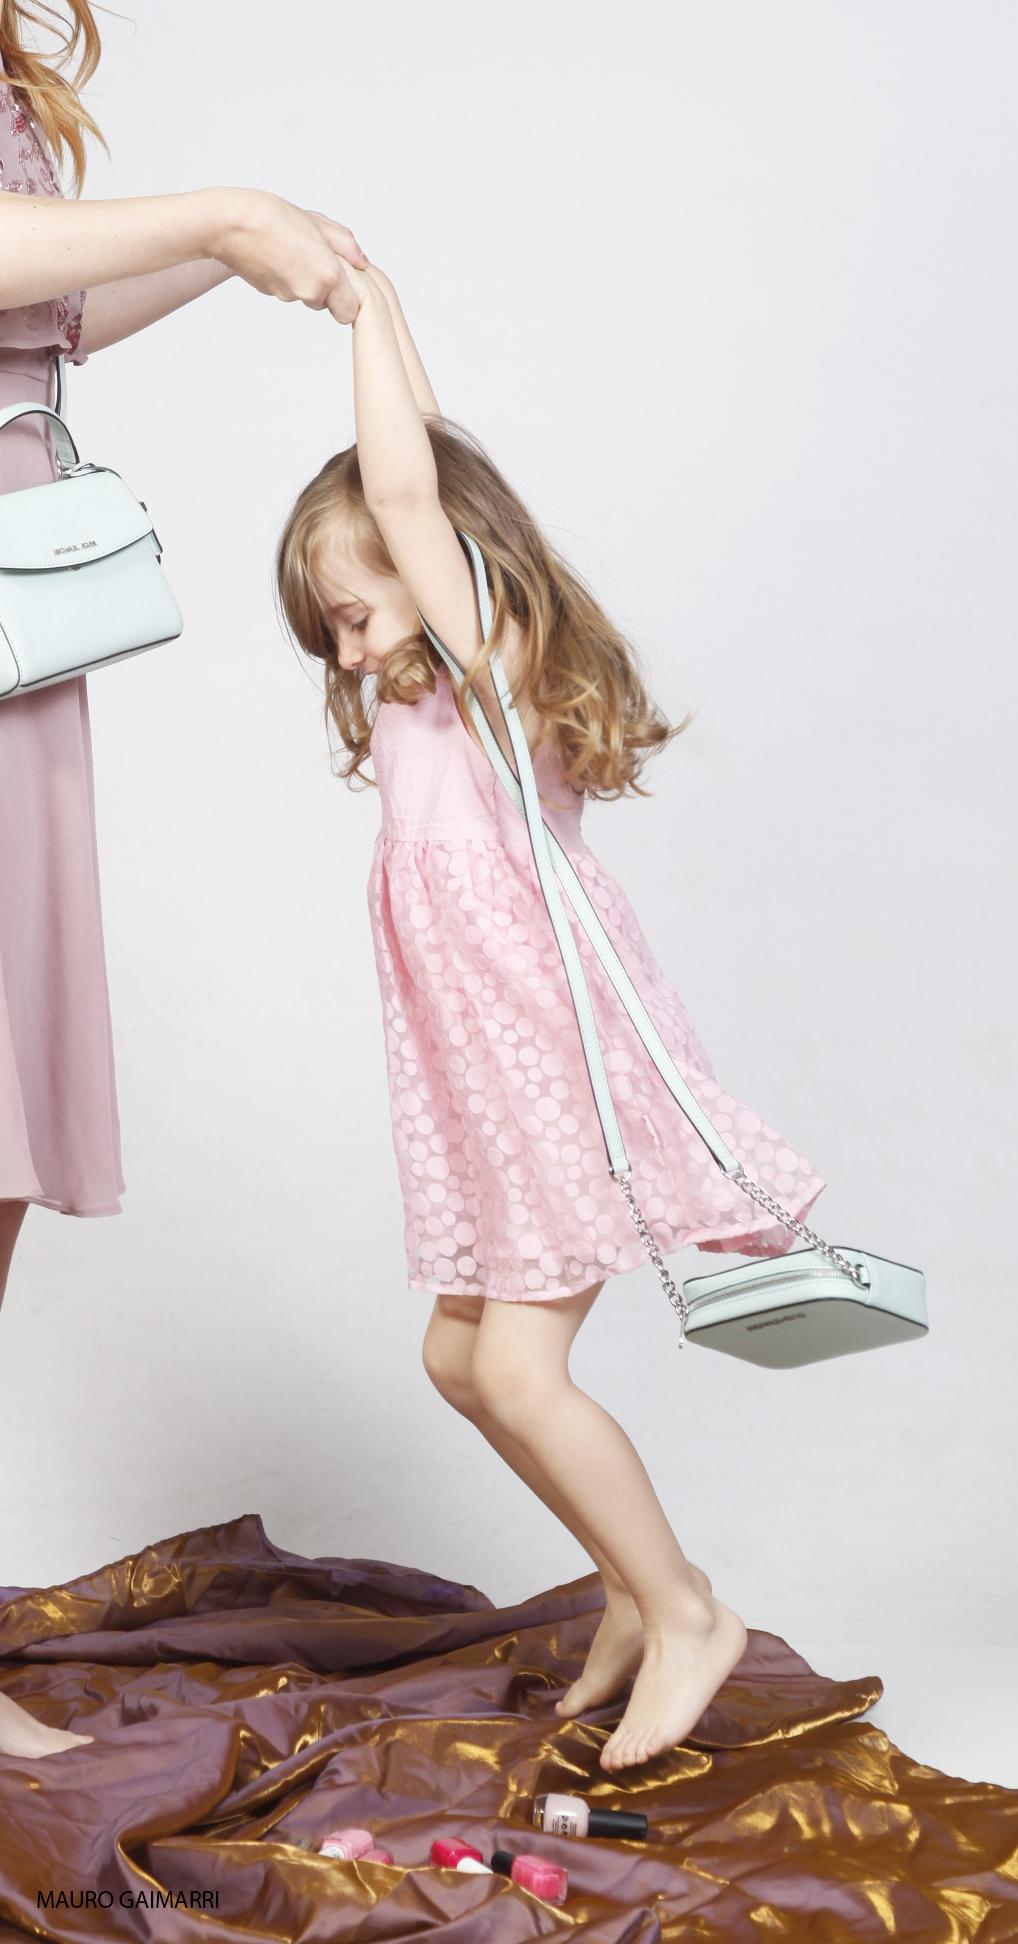 gaia masseroni festa della mamma moda bimbi abito rosa borsa verde menta michael kors zalando kids